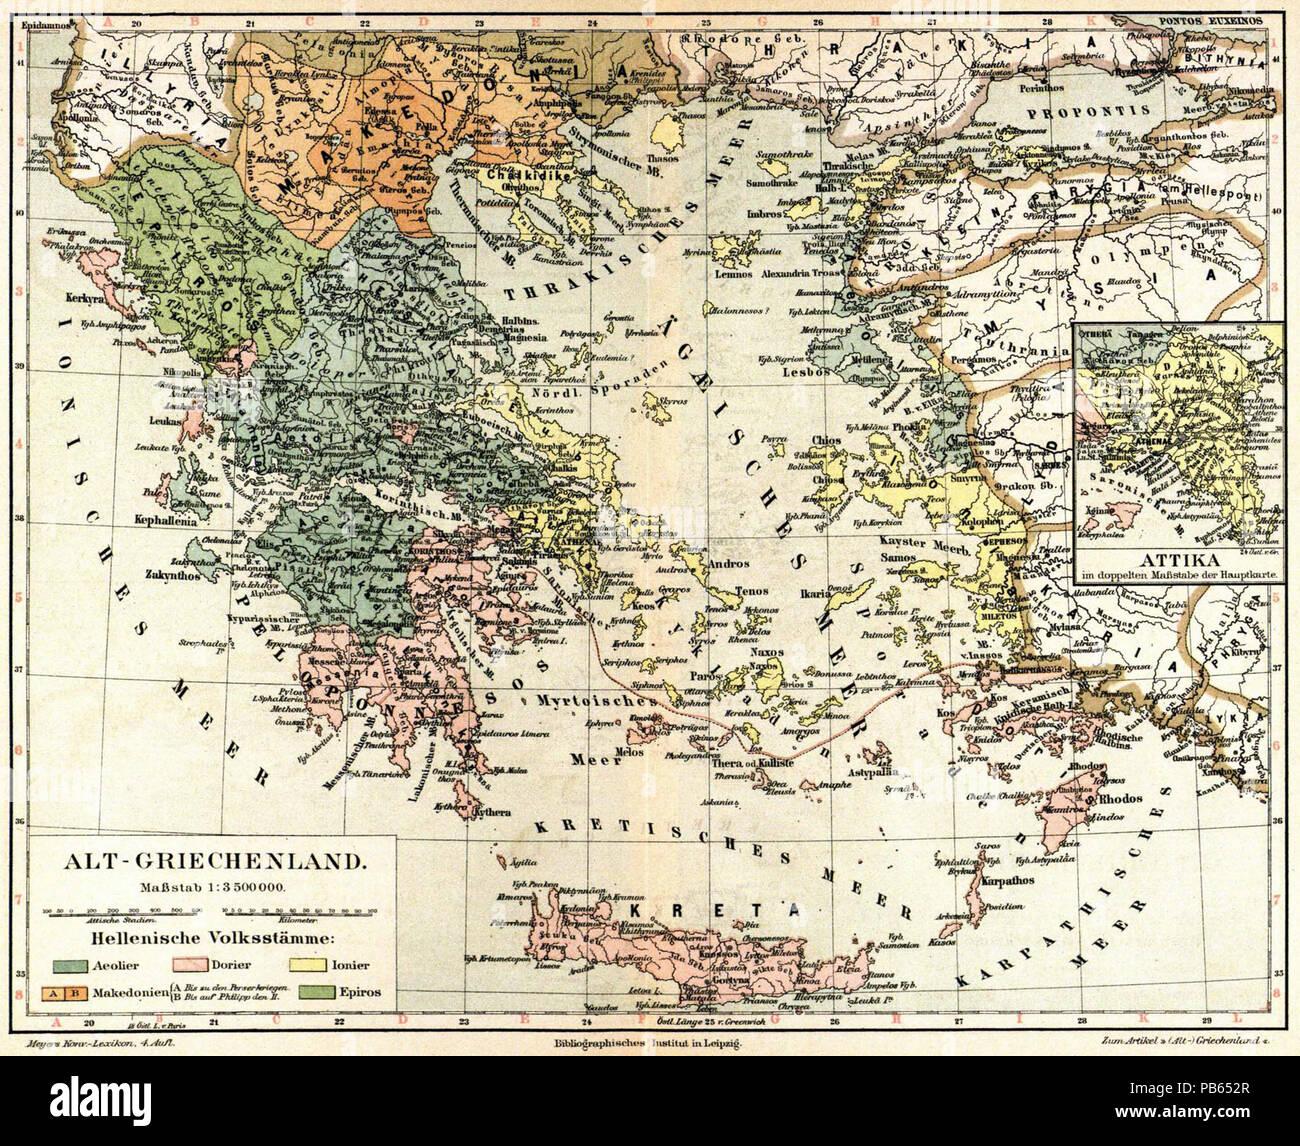 Karte Griechenland Deutsch.Deutsch Karte Alt Griechenland 1 3 500 000 Nebenkarte